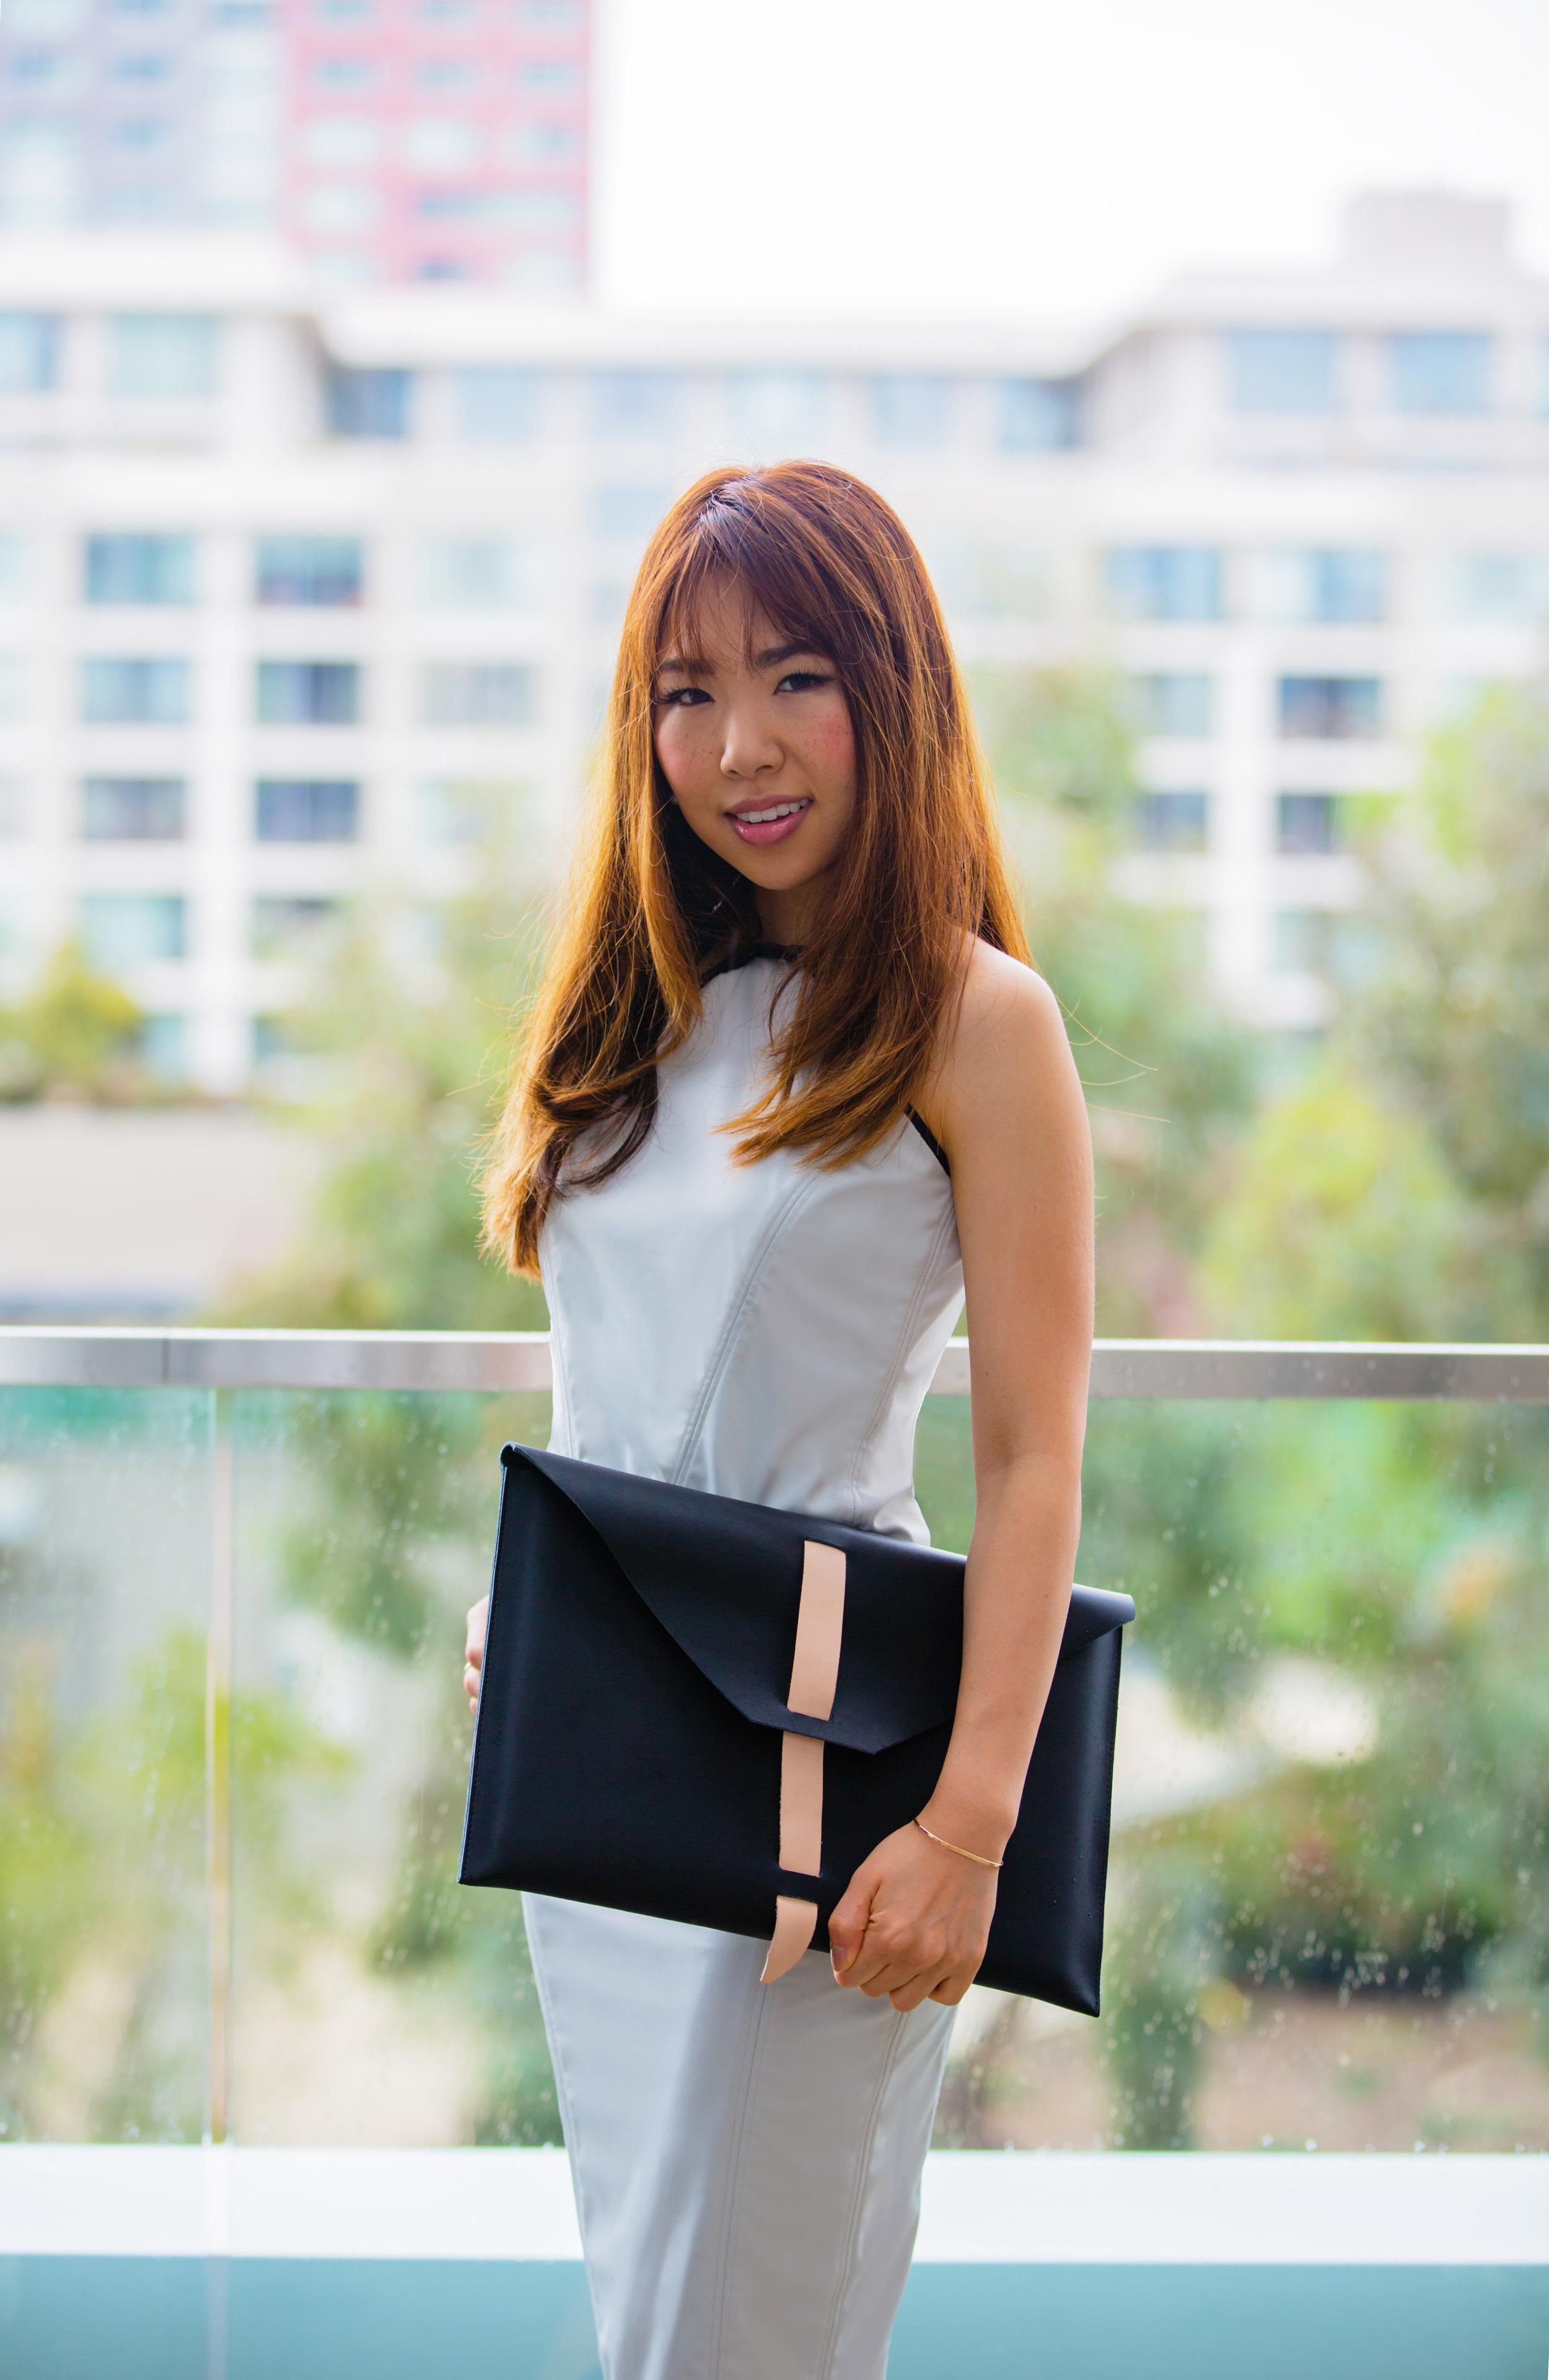 AW16 Zuria HalterTop & Brea Pencil Skirt (Reversible/Water Resistant)  , Aish Envelope Bag